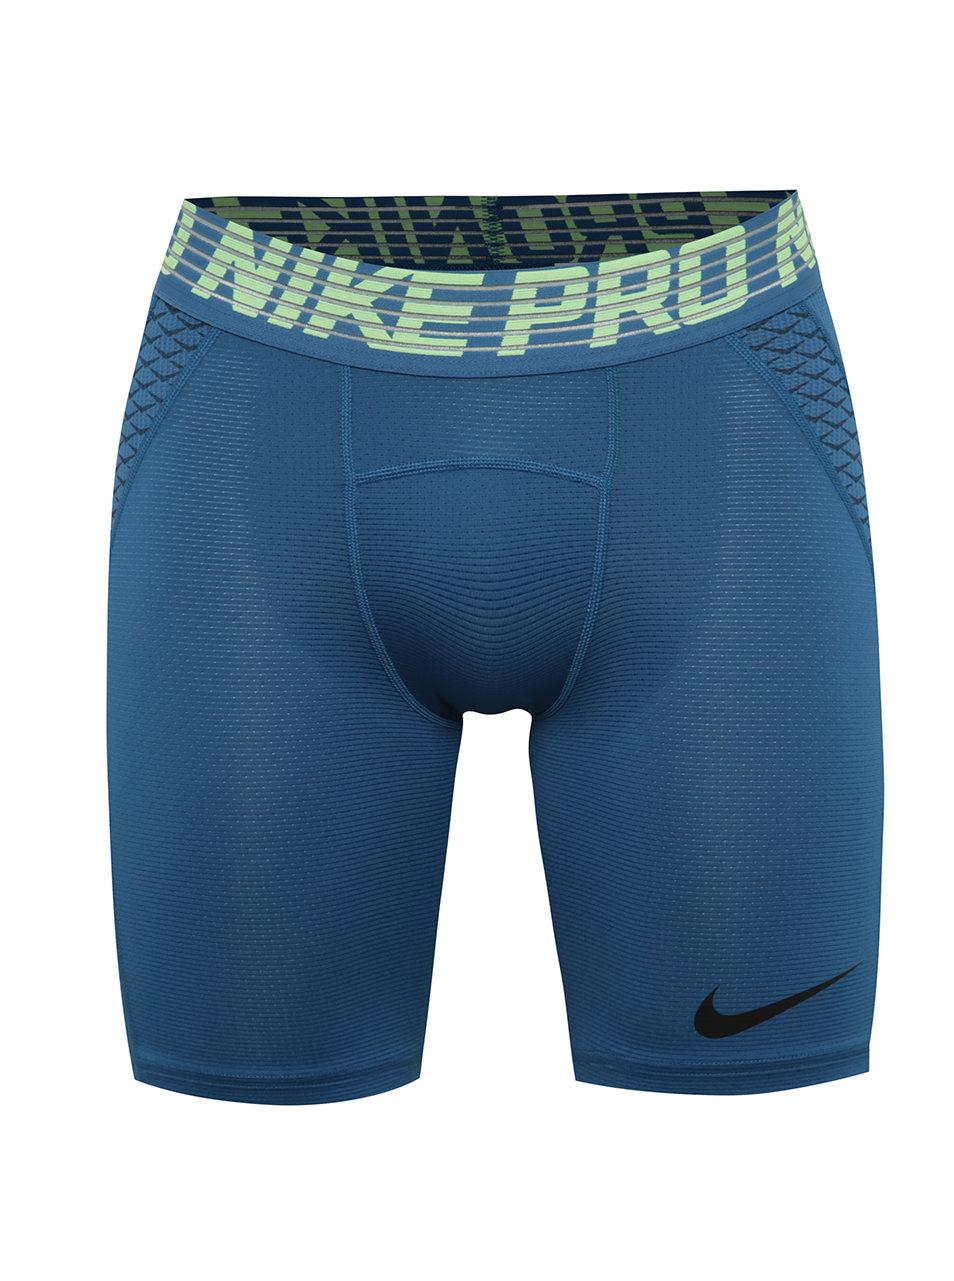 Modré pánské funkční kraťasy Nike Pro HyperCool ... 034fb3f7f7